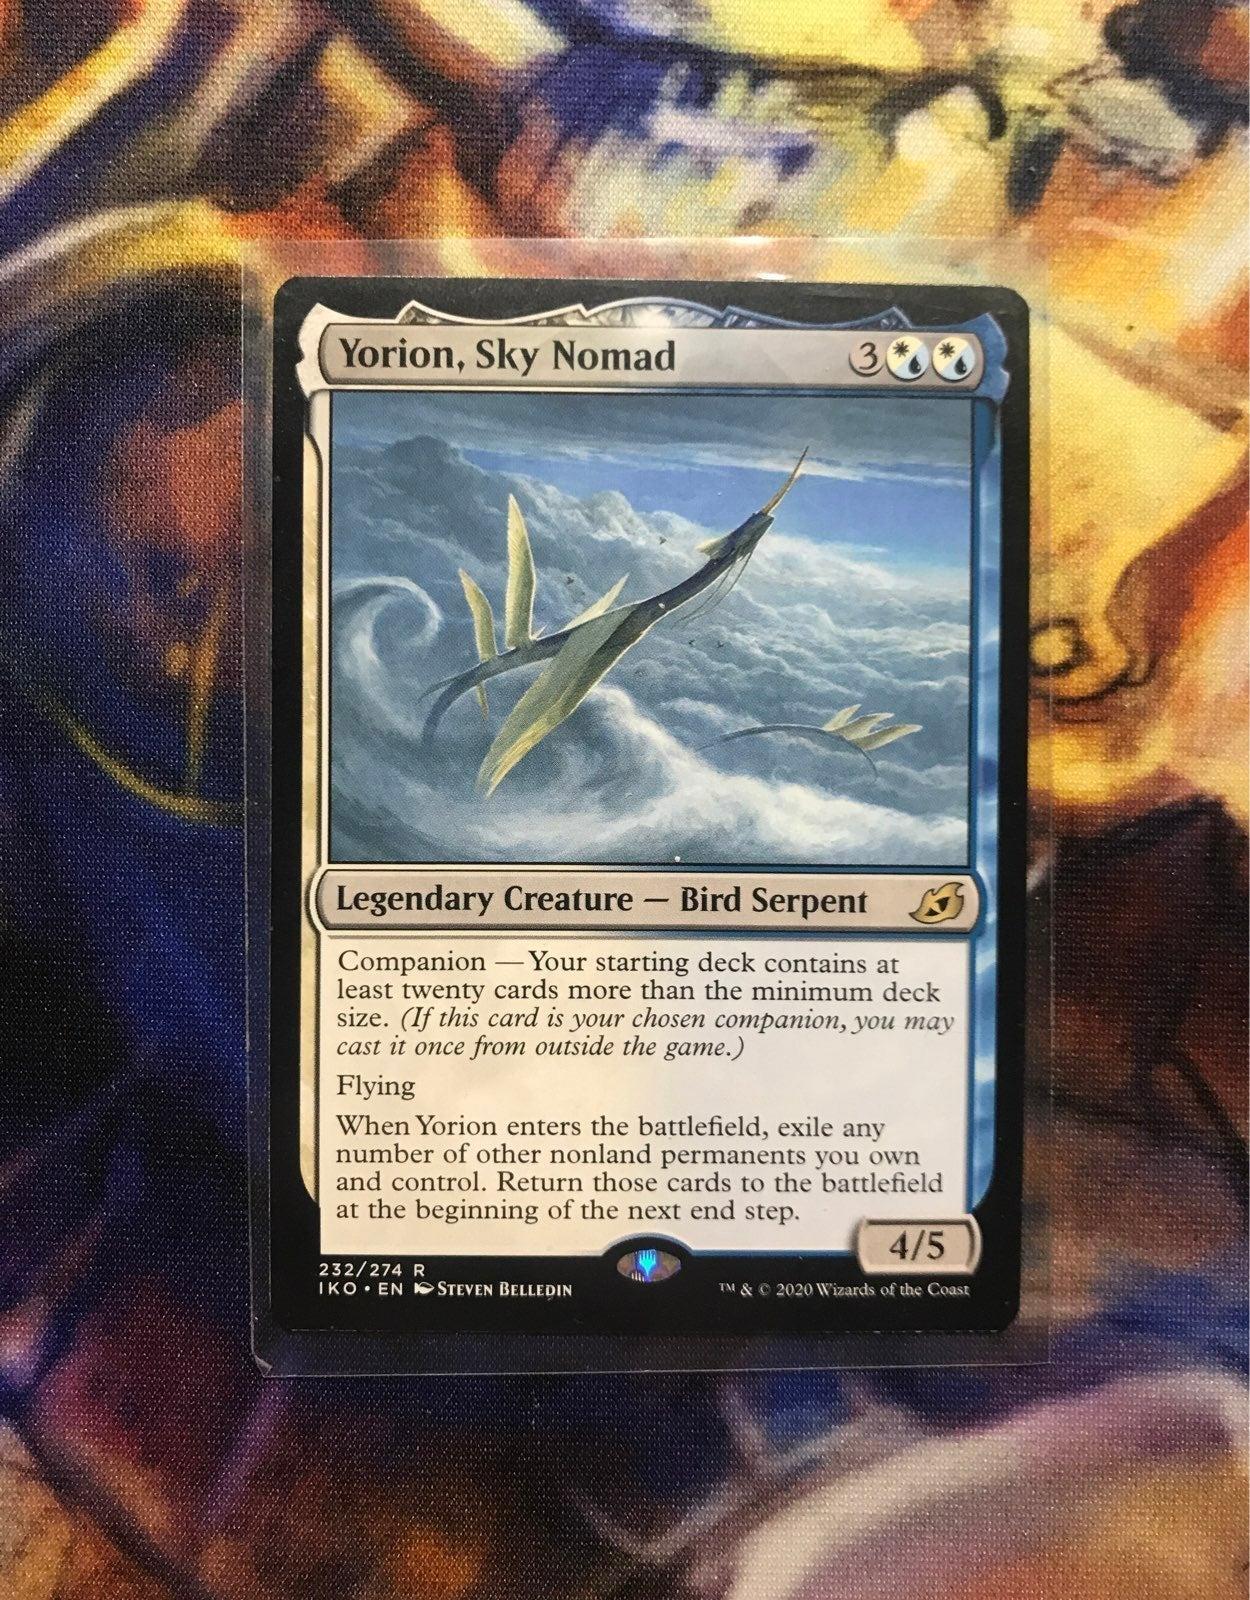 MTG Yorion, Sky Nomad card